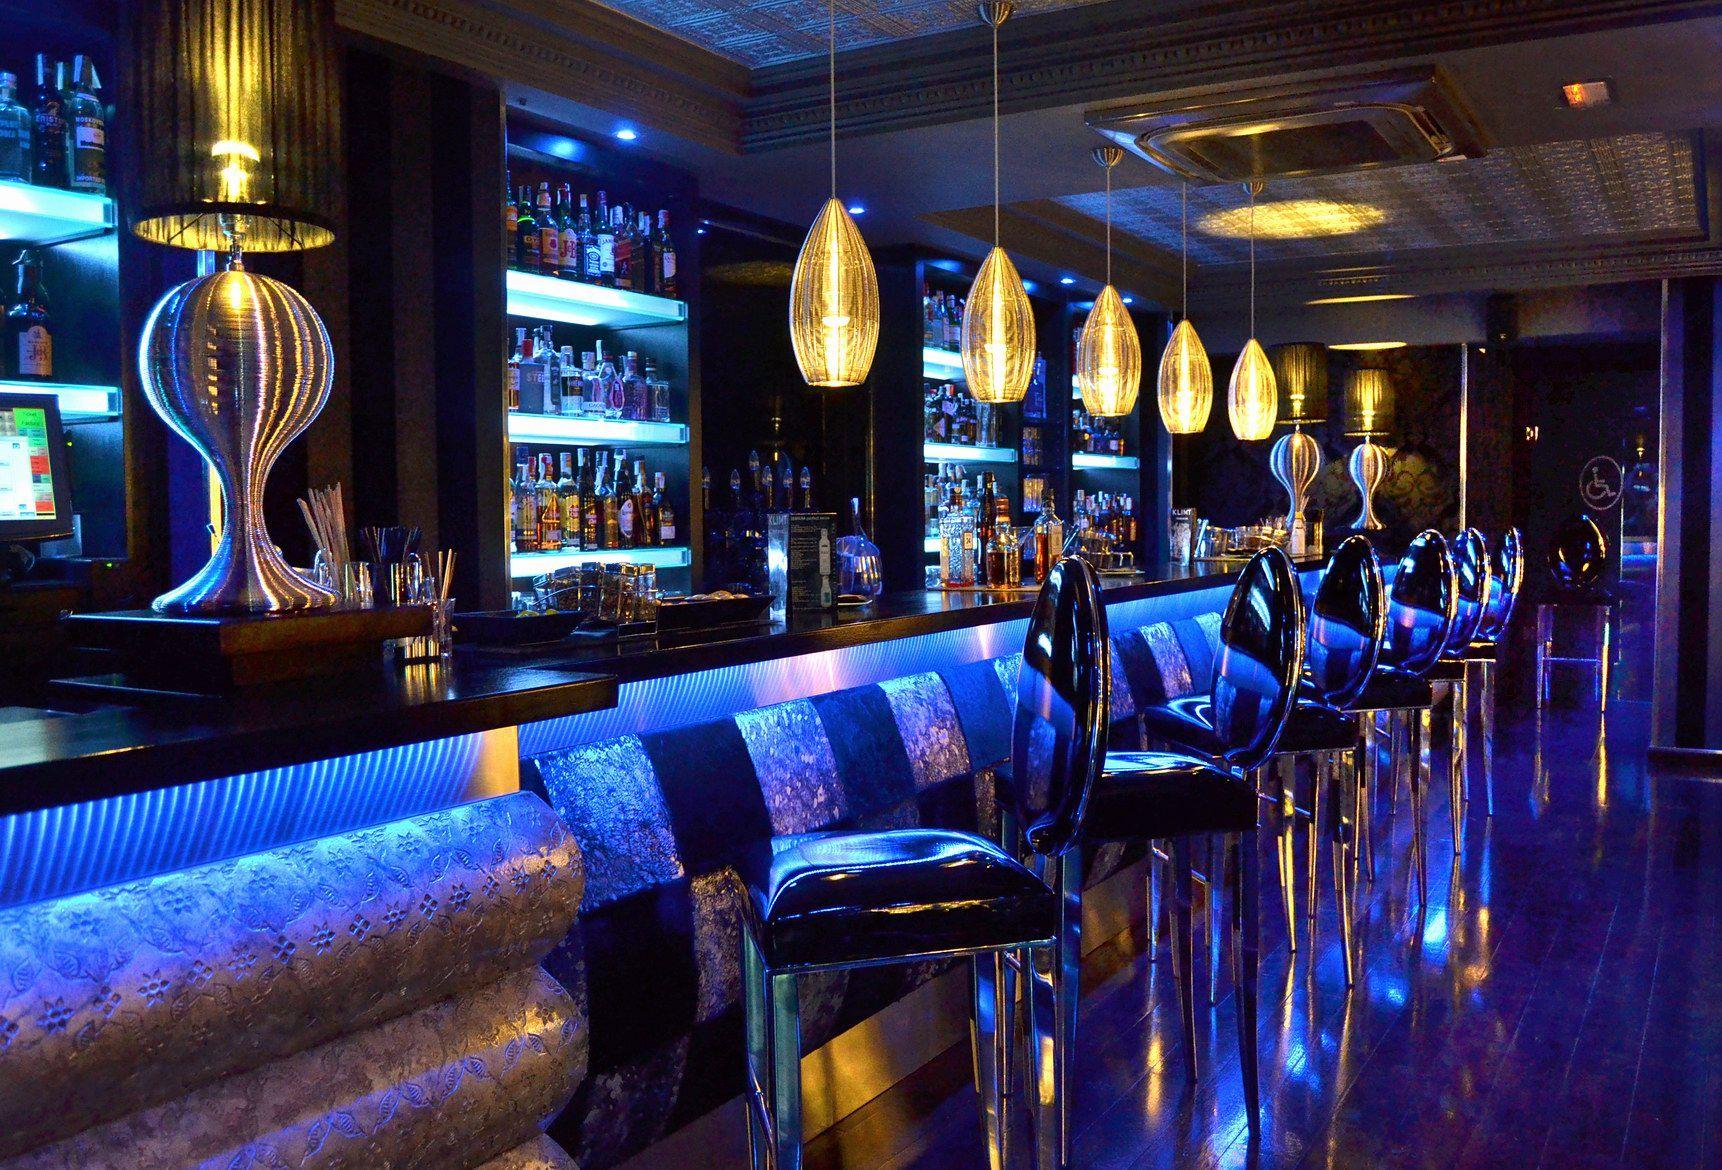 Newwd decoracion de bares tematicos klimt madrid decoracion moderna lugares para visitar - Decoracion bares tematicos ...